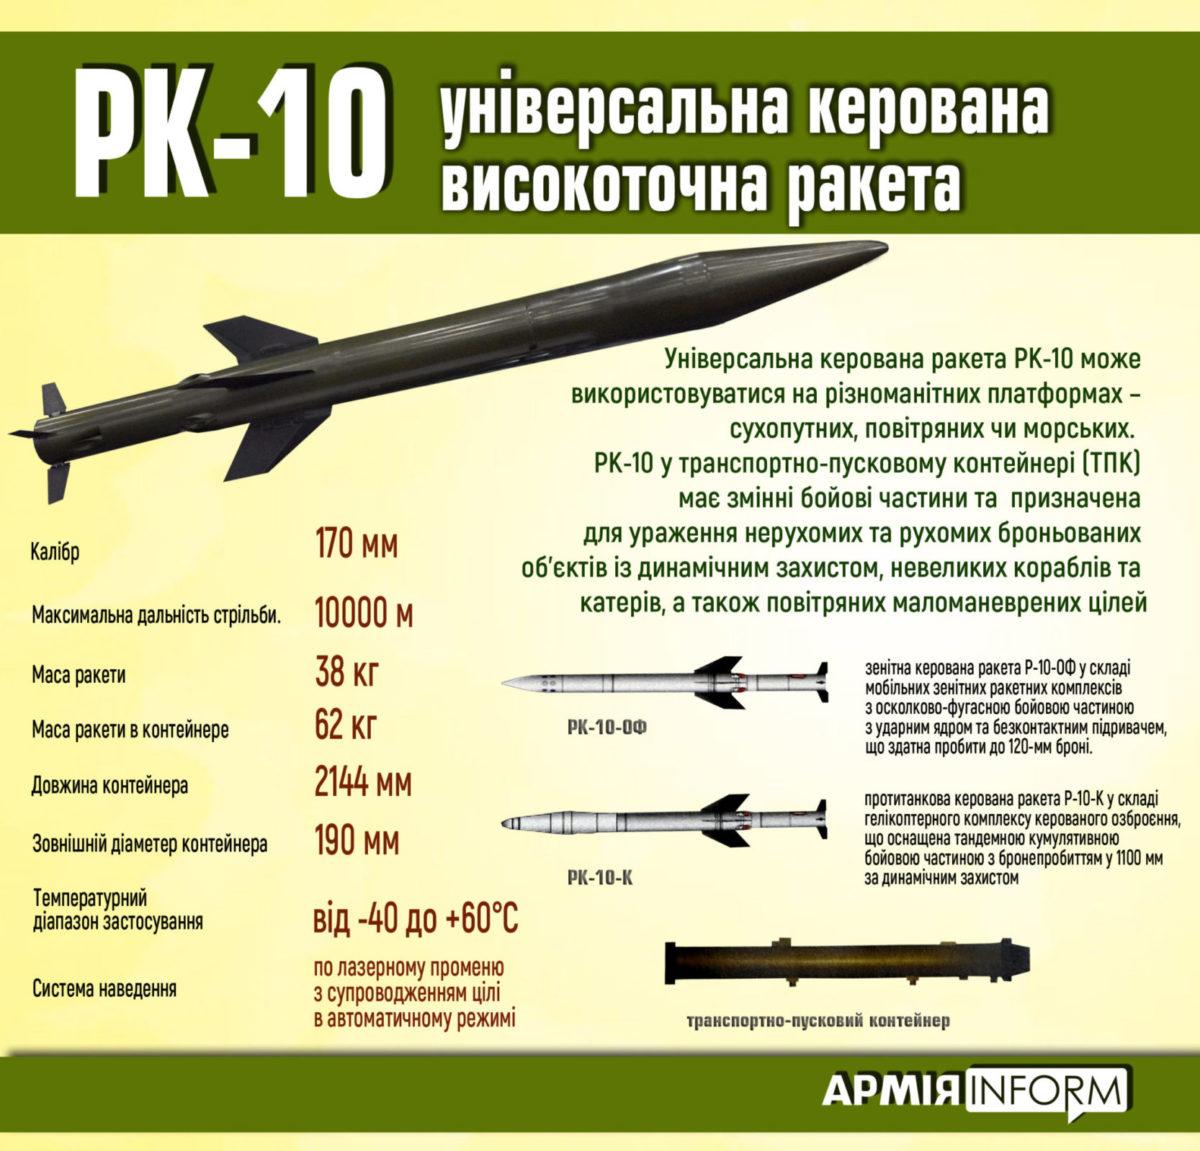 Ракета «РК-10» уражатиме цілі на відстані 10 кілометрів